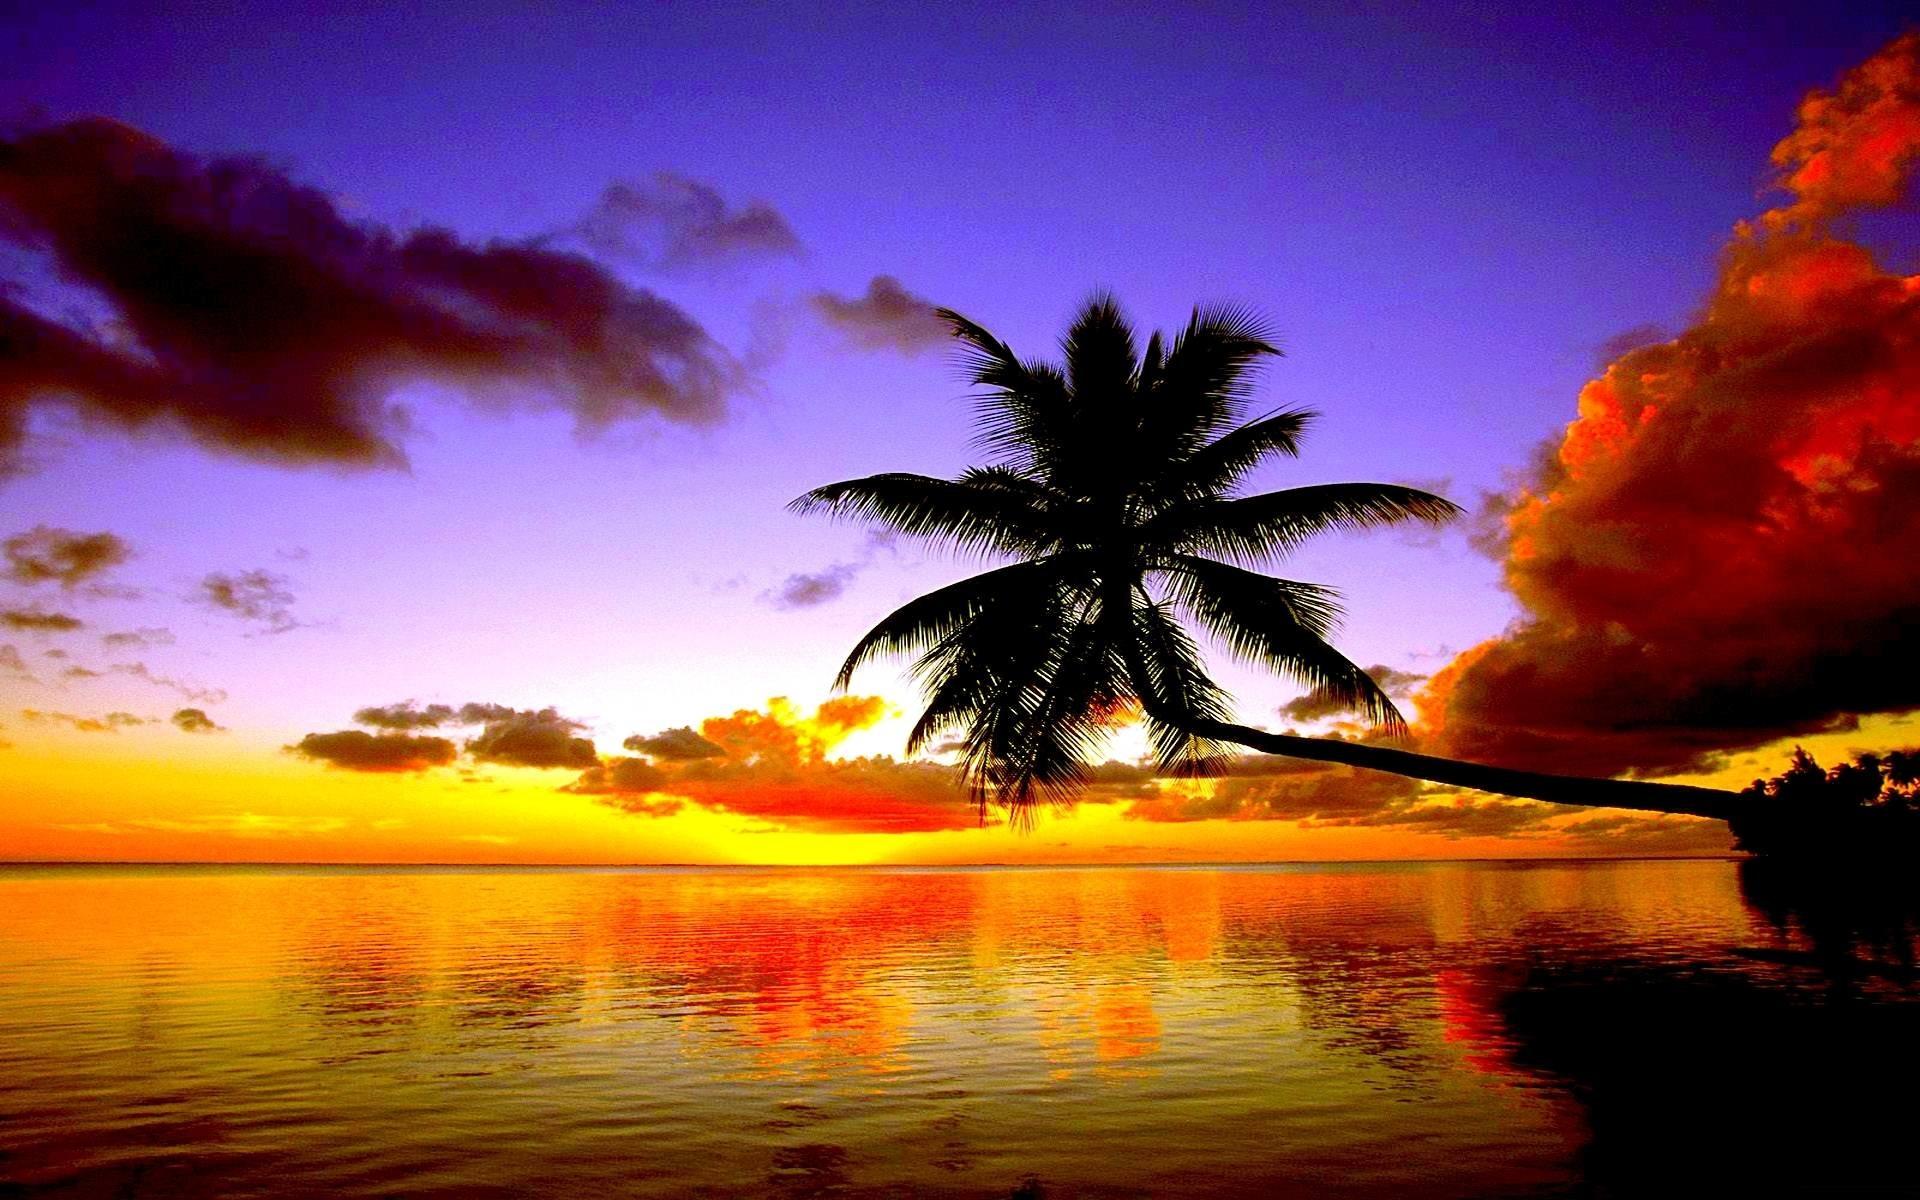 Tropical Beach Sunset Wallpaper Free Desktop 8 HD Wallpapers .